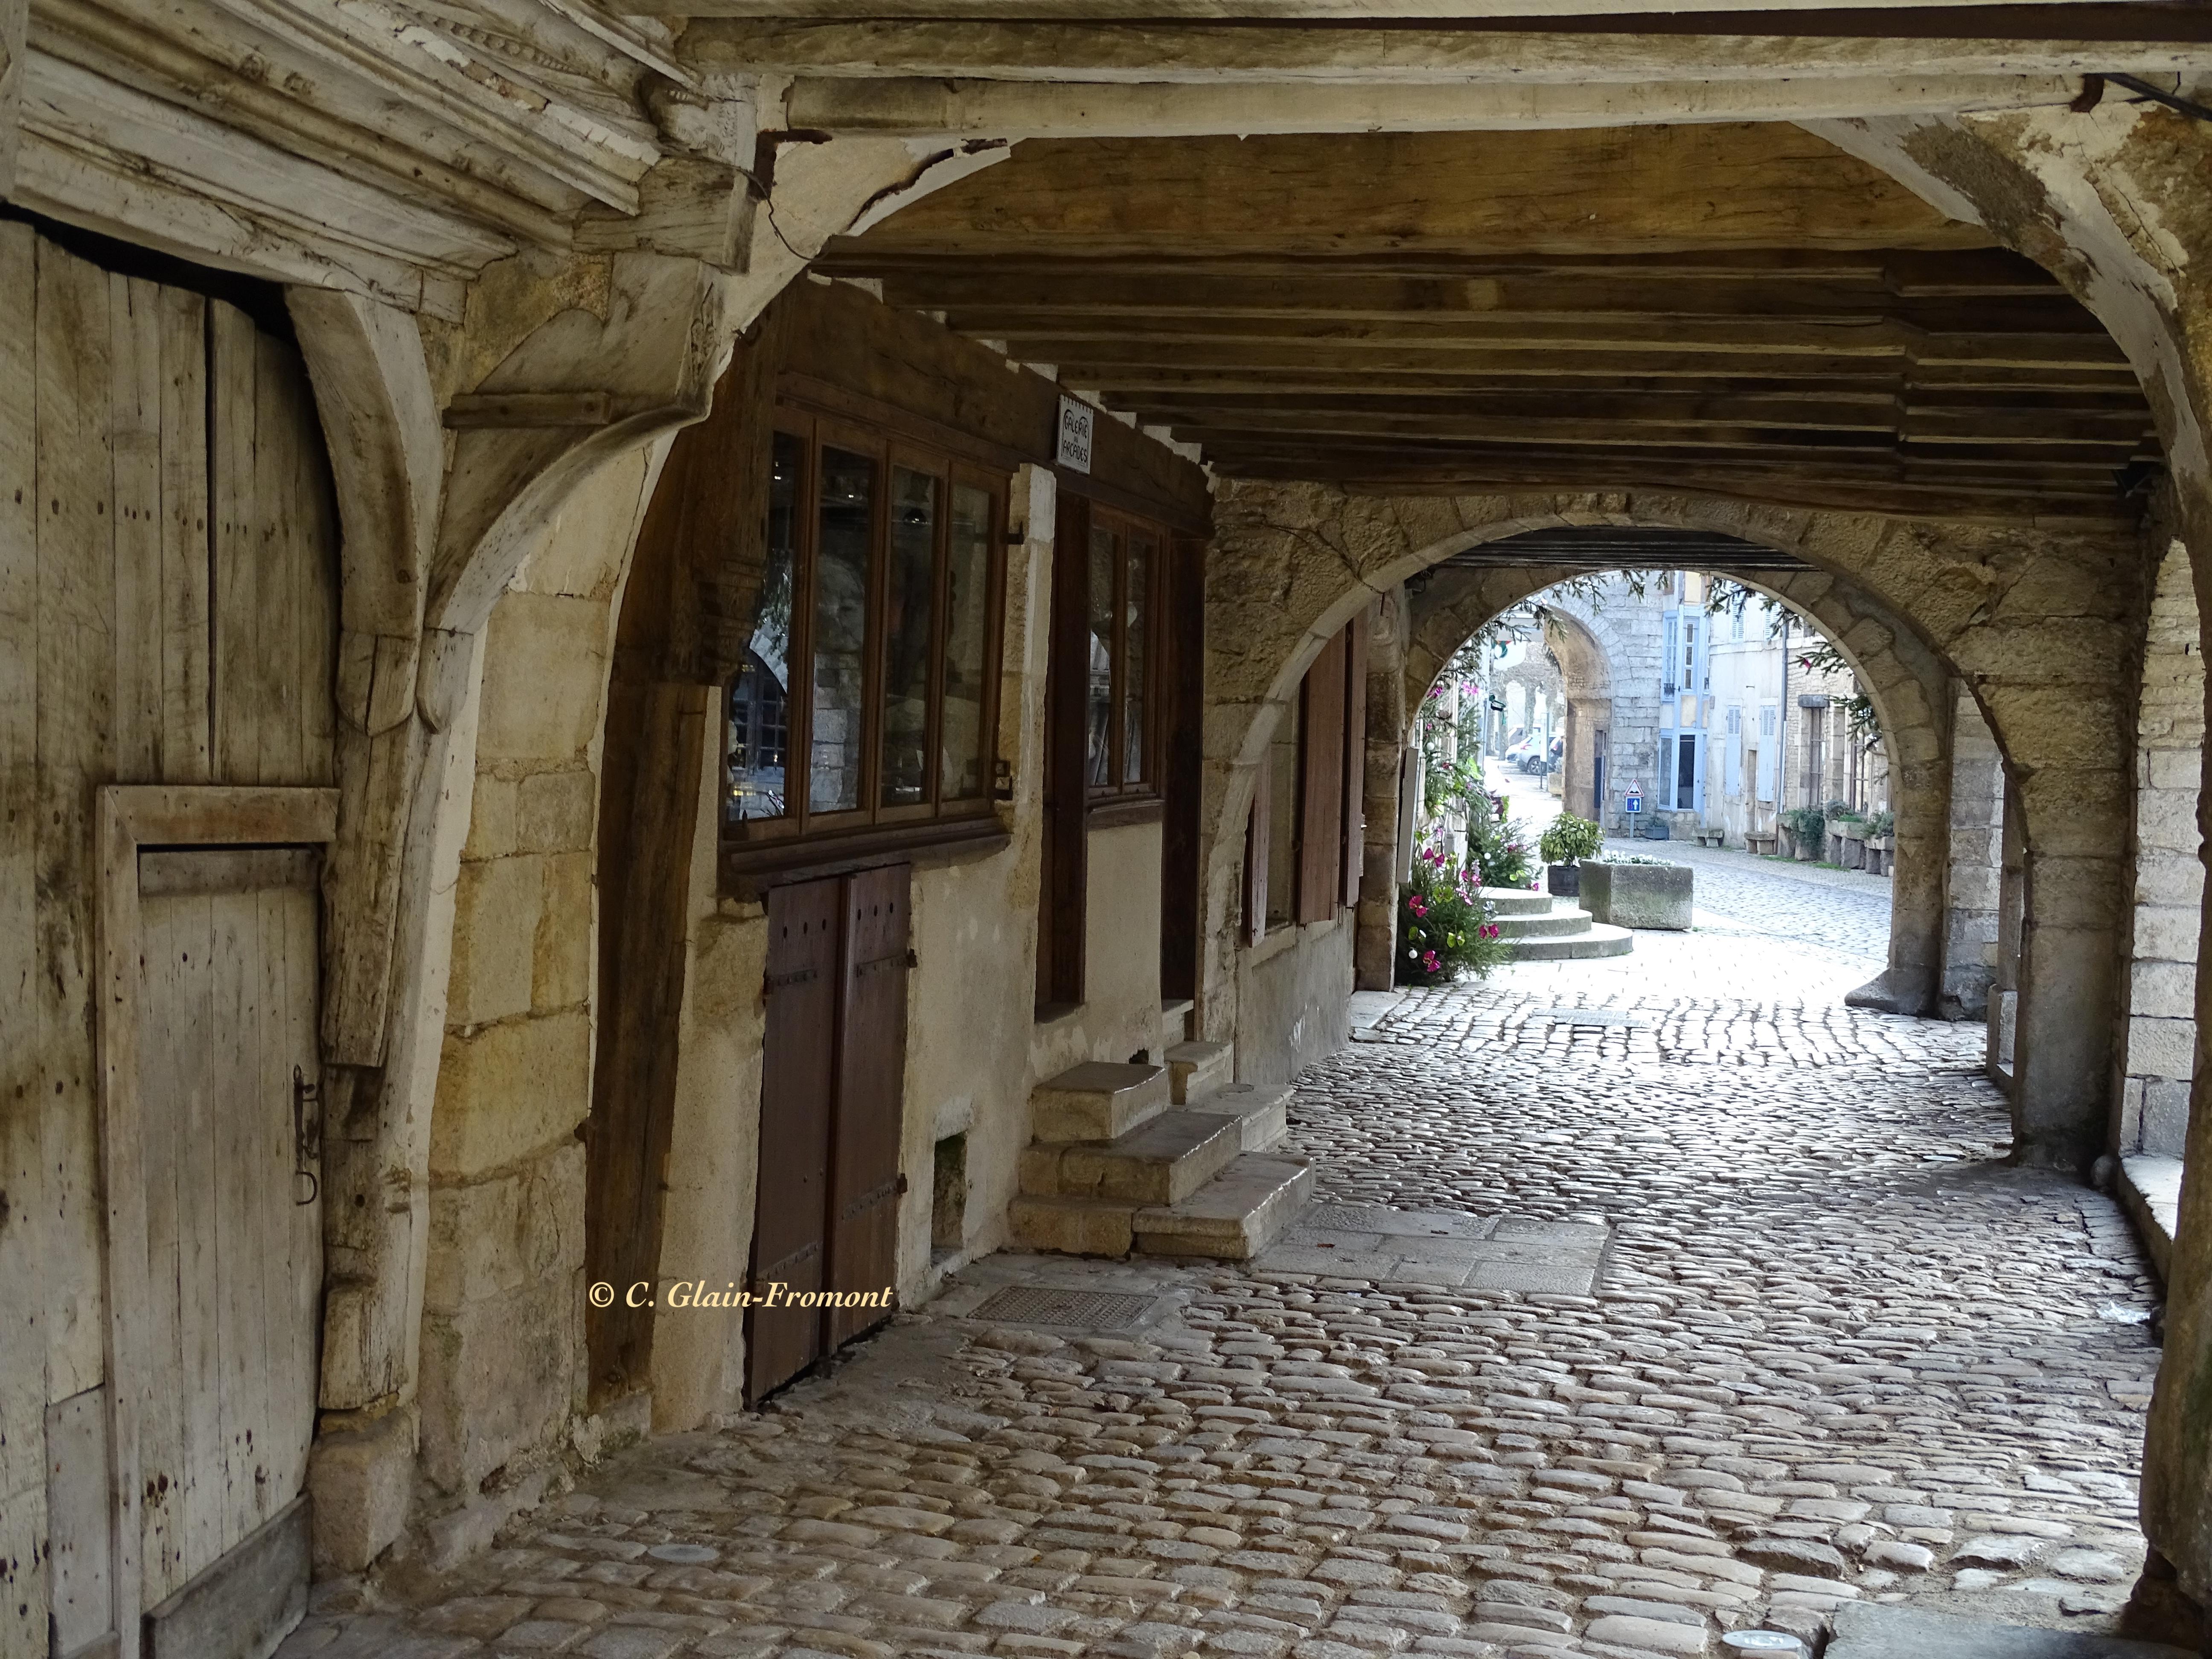 Galerie à arcades Noyers